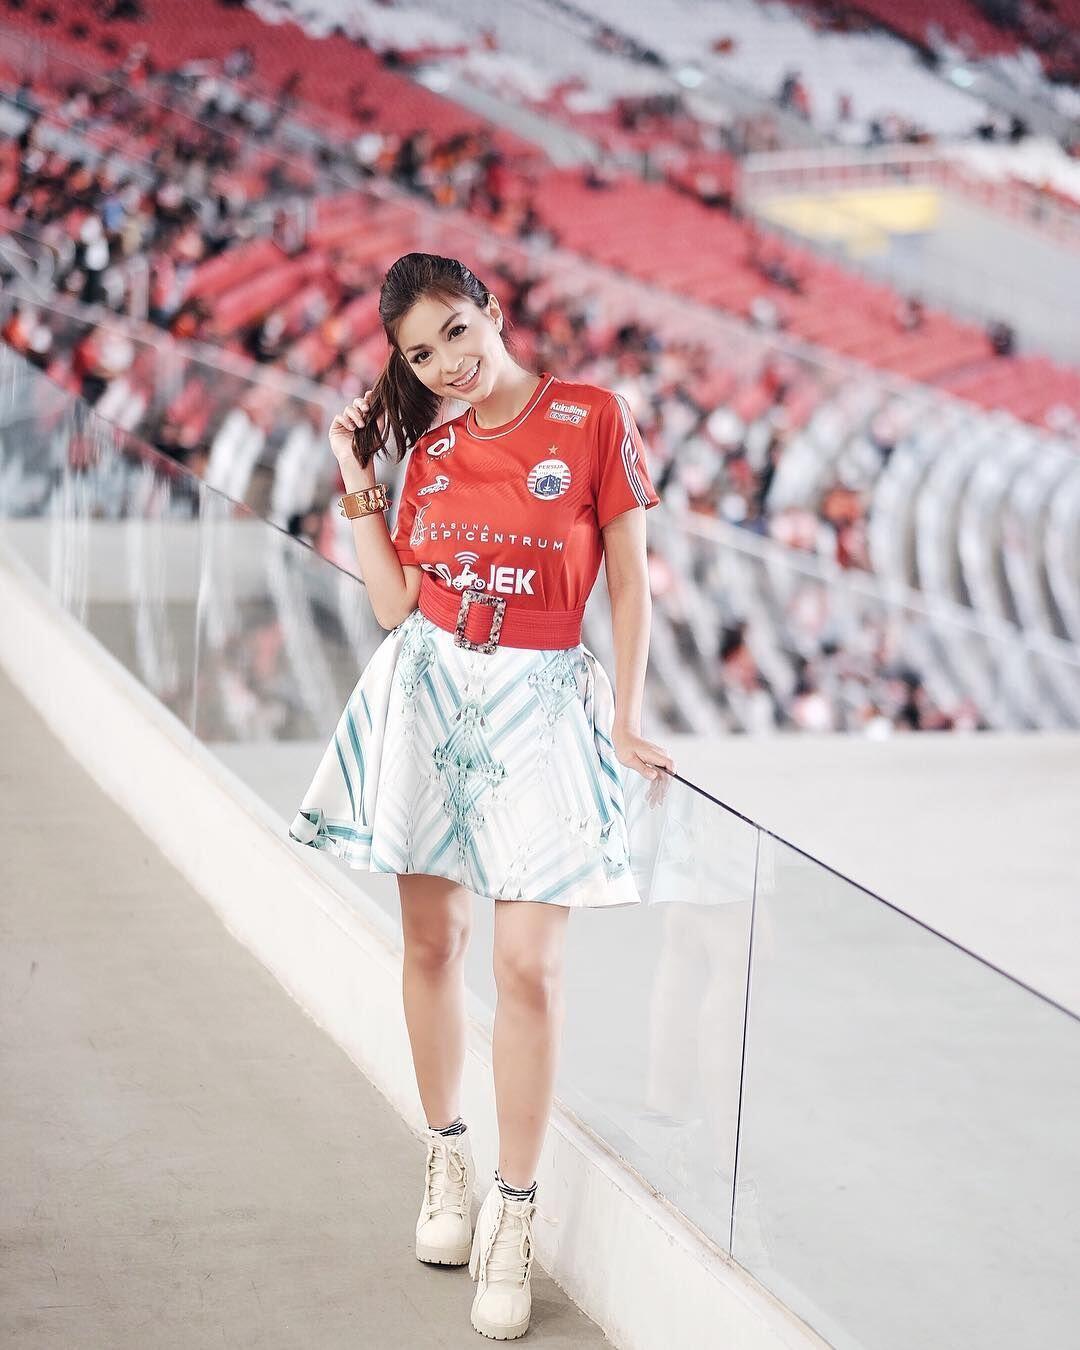 10 Potret Sandra Olga Presenter Sepak Bola yang Sangat Menawan